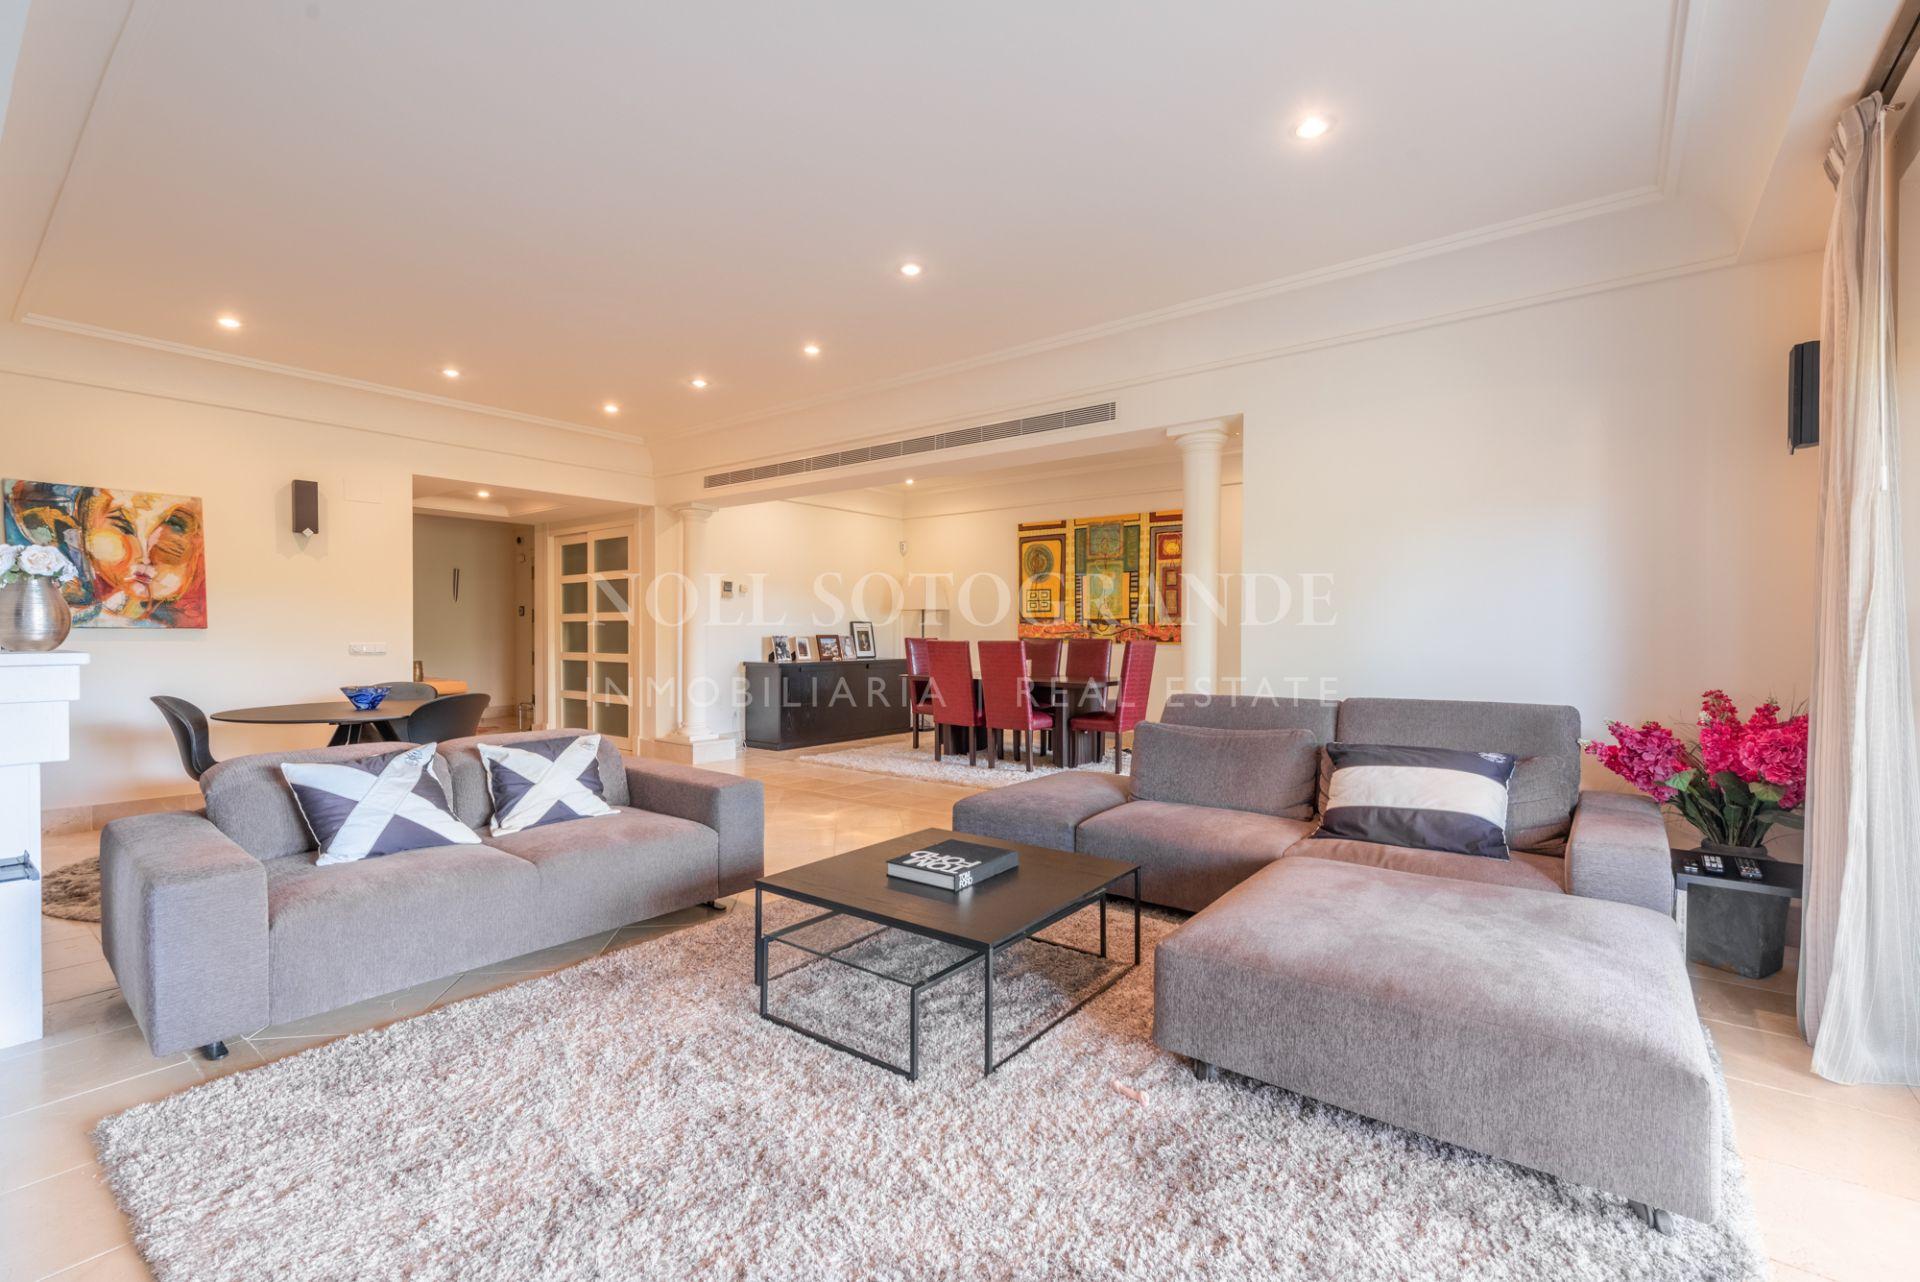 Sotogrande, Valgrande - Apartamento de 3 dormitorios en venta